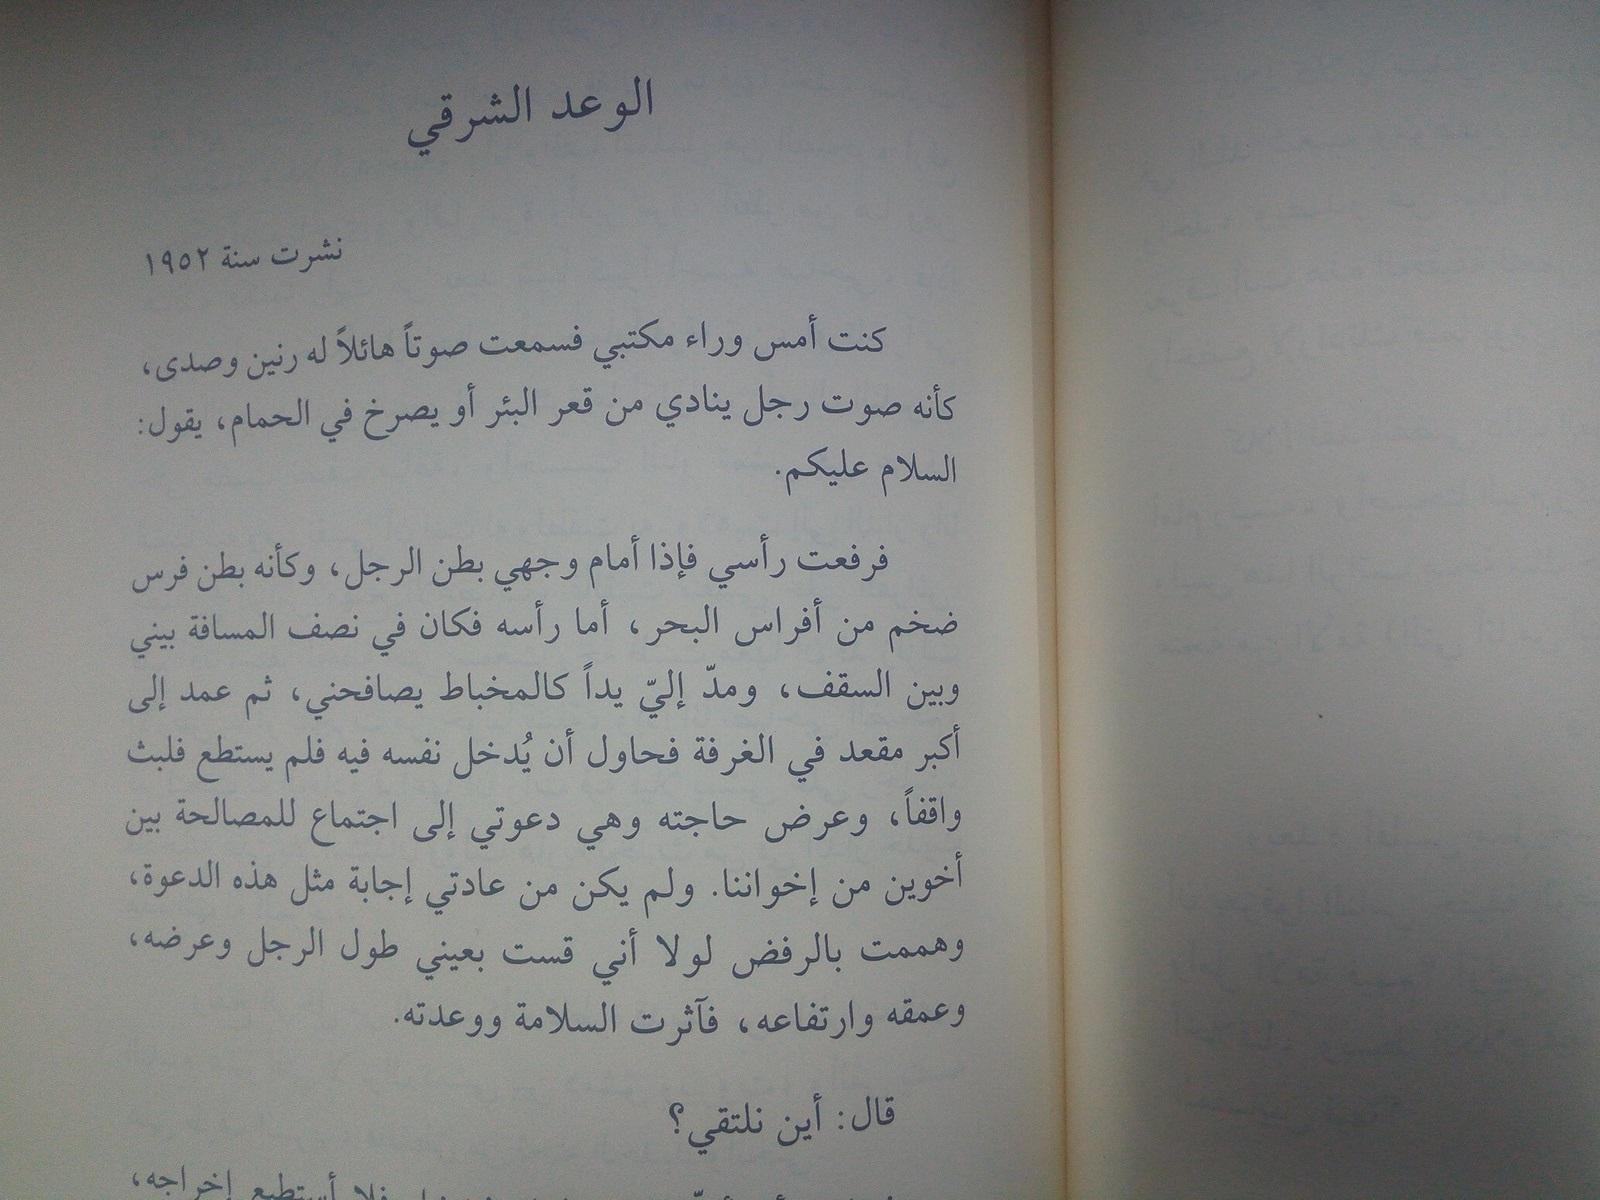 مقتطفات من كتاب مع الناس - الوعد الشرقي